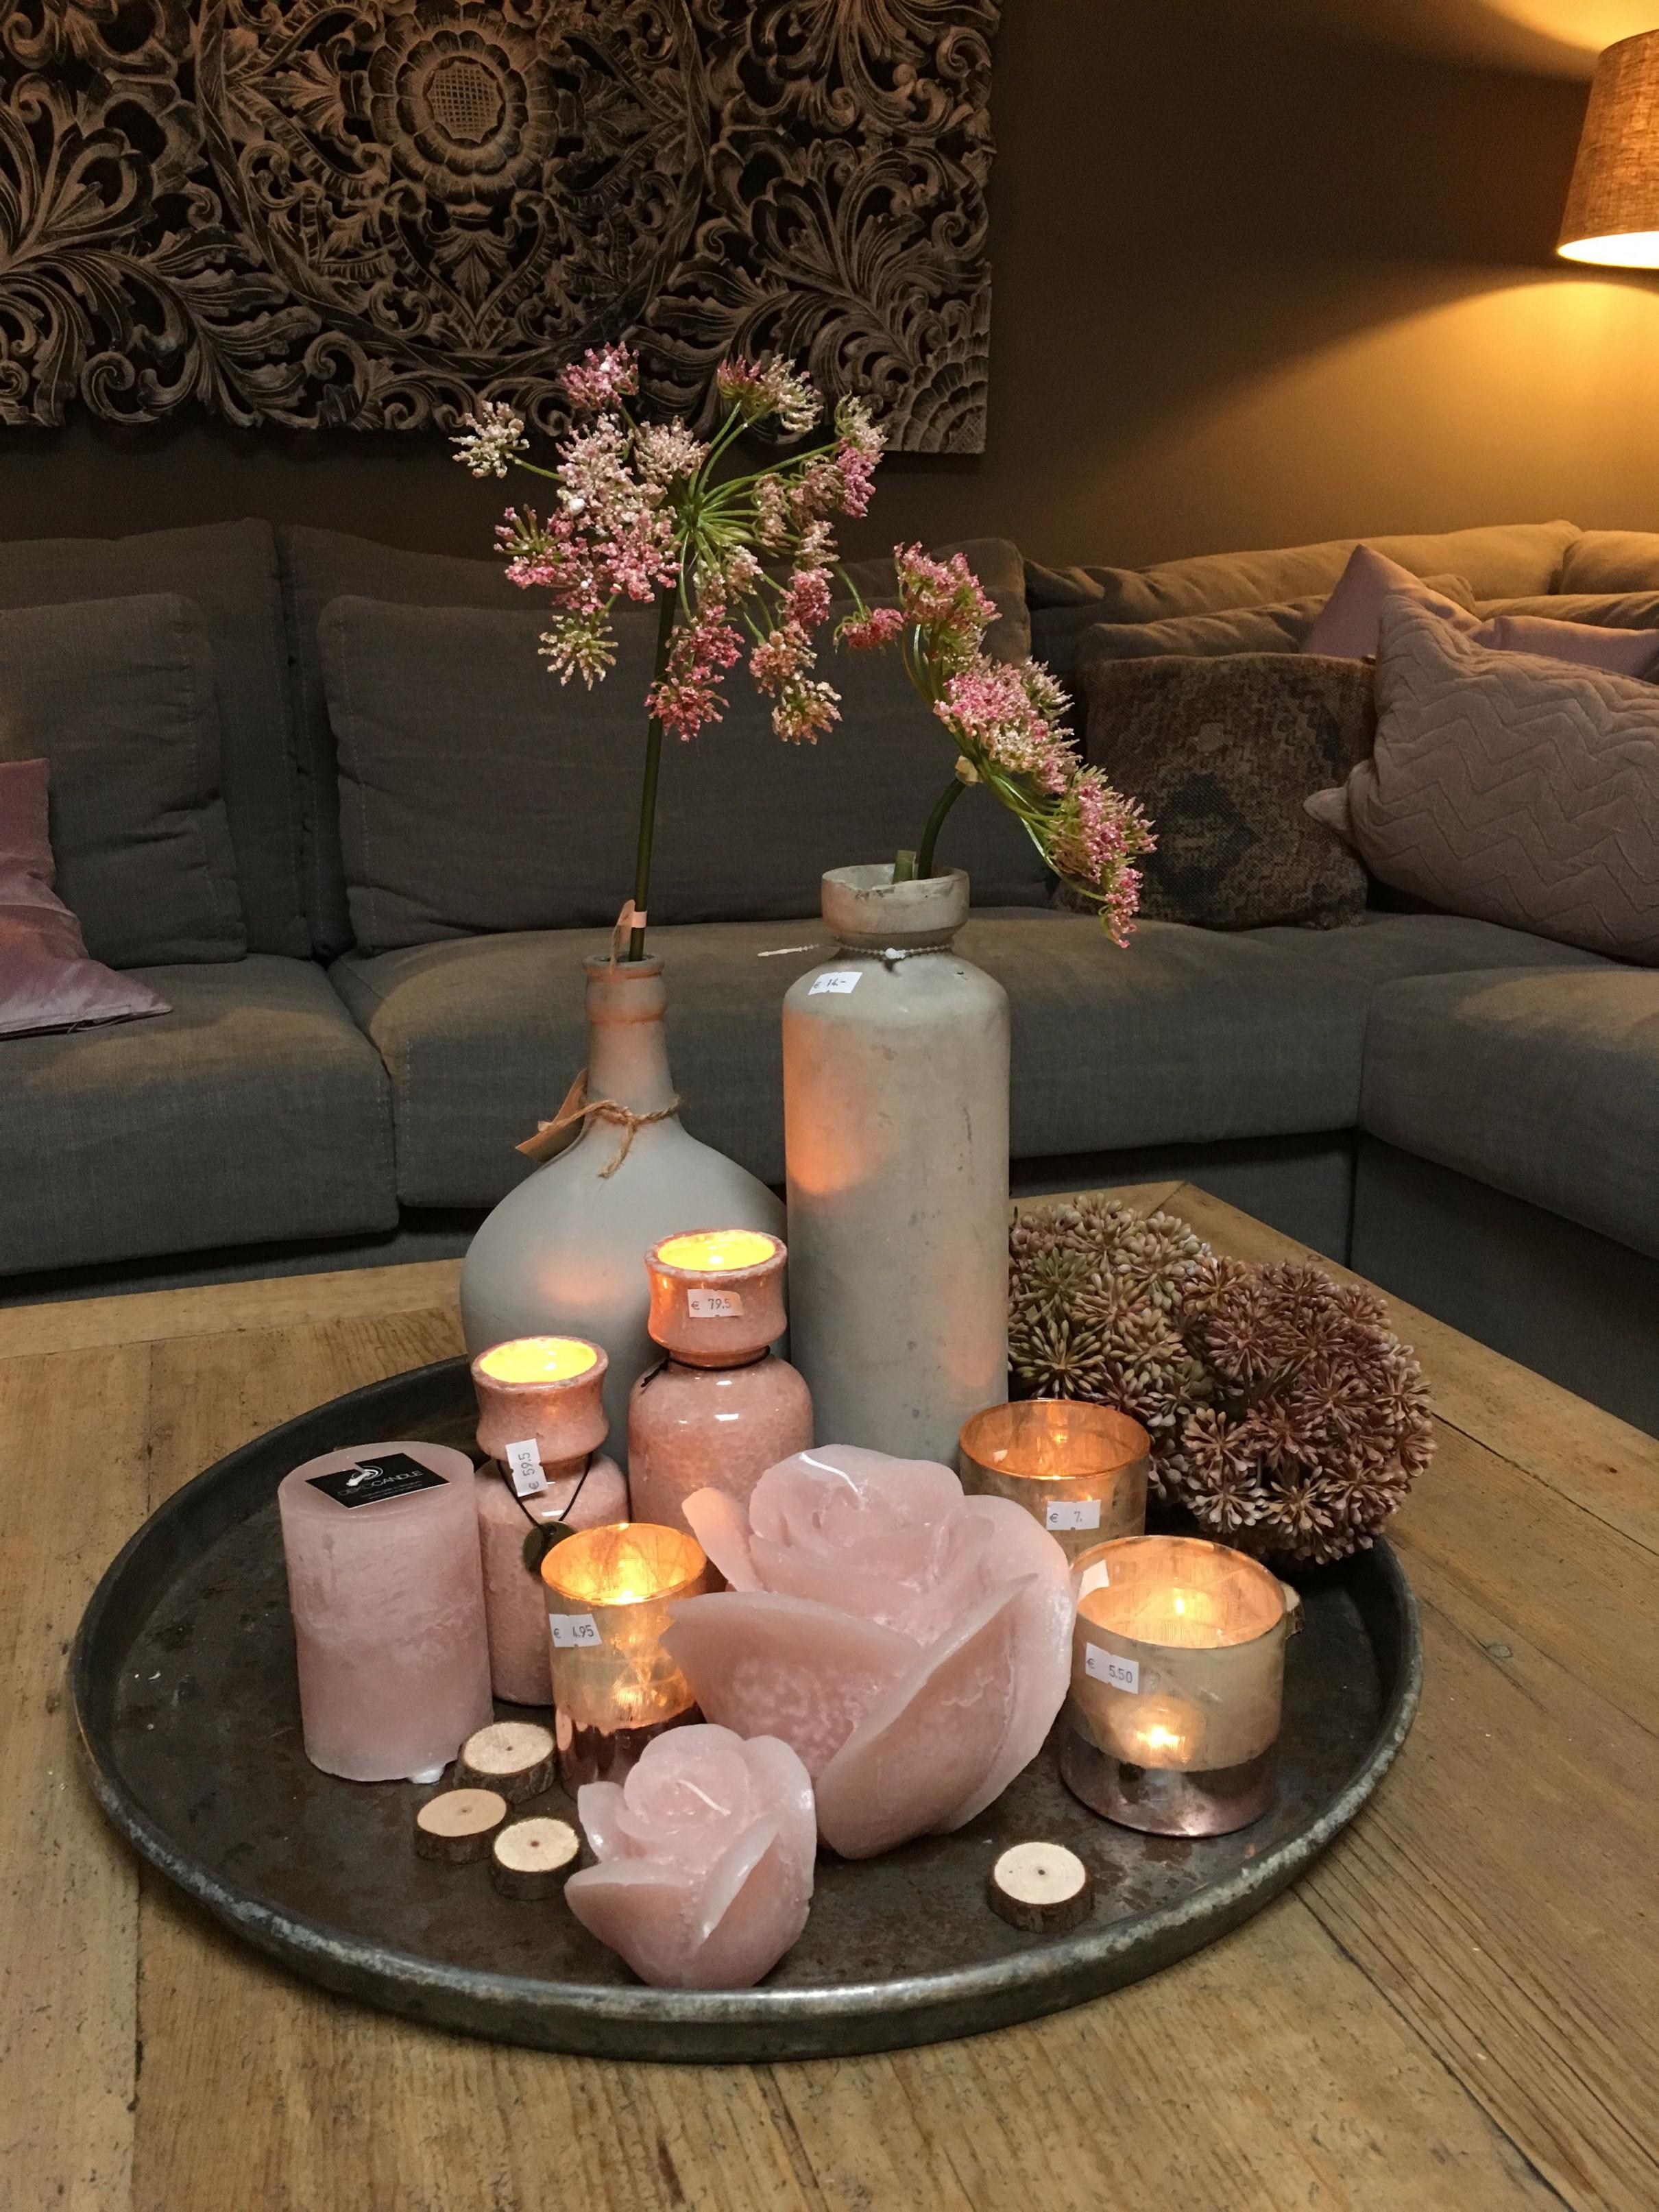 Pin Von Le Go Auf Deko  Dekoration Wohnzimmer Kerzen von Kerzen Deko Wohnzimmer Photo